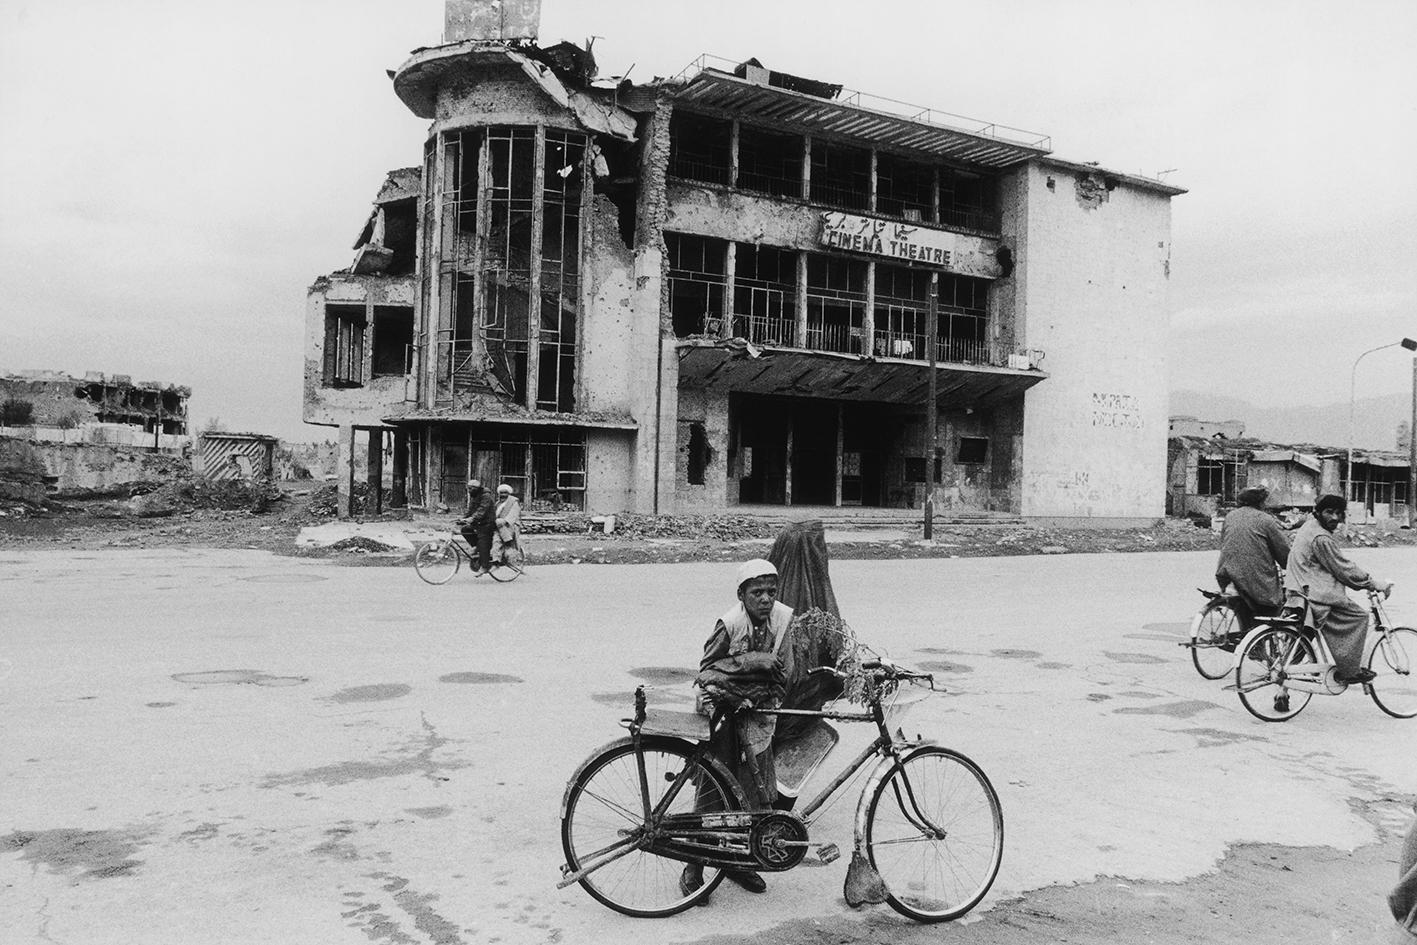 &#169Christine Spengler - Afghanistan, 1997.